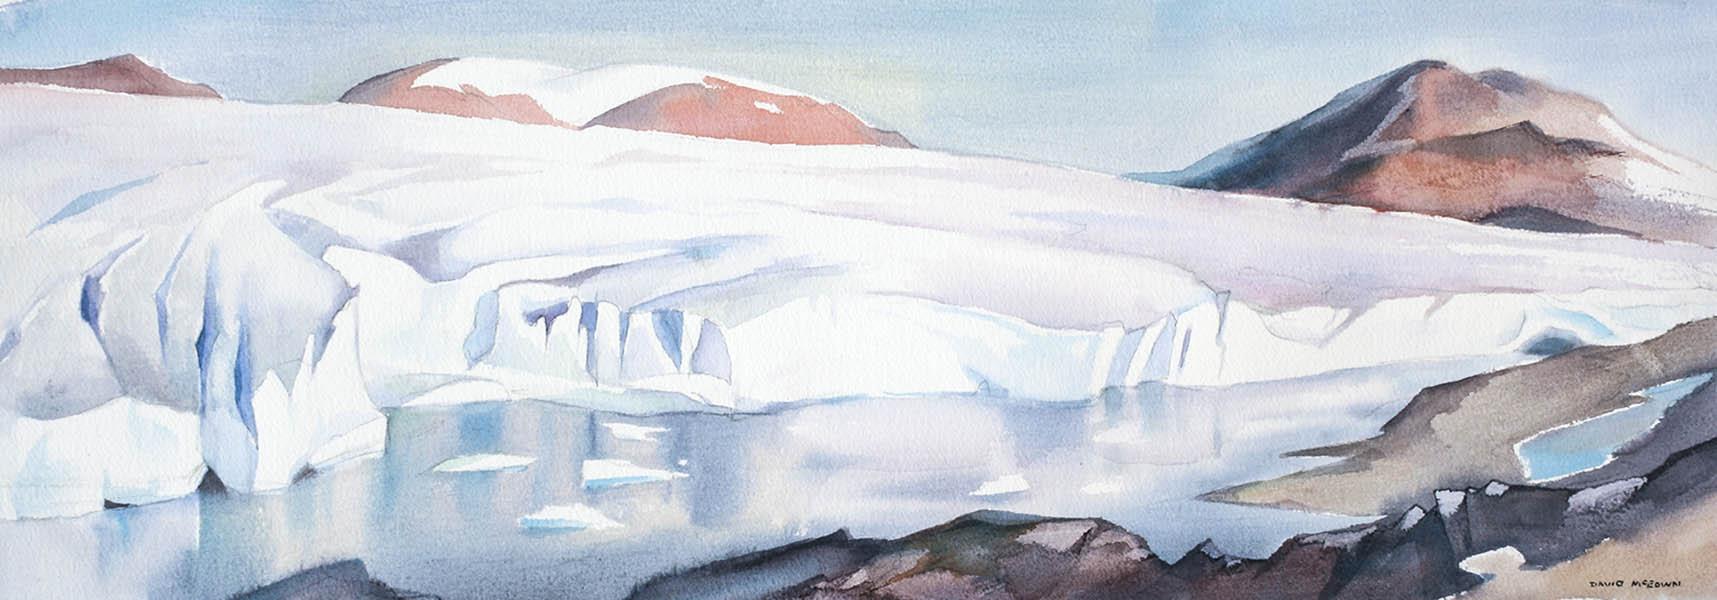 Wordie Glacier